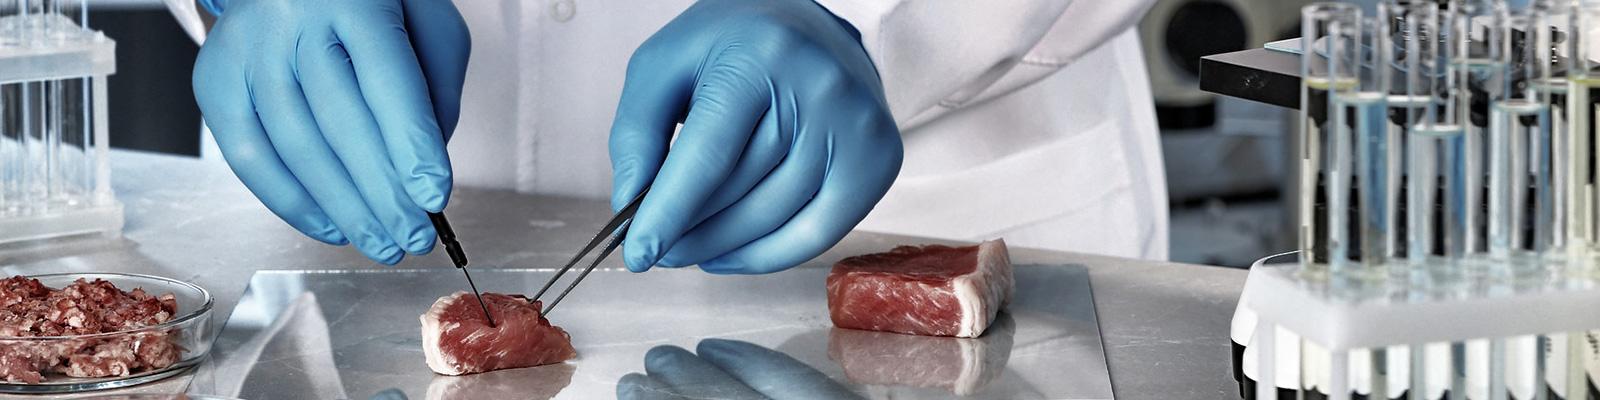 肉 科学 実験 イメージ